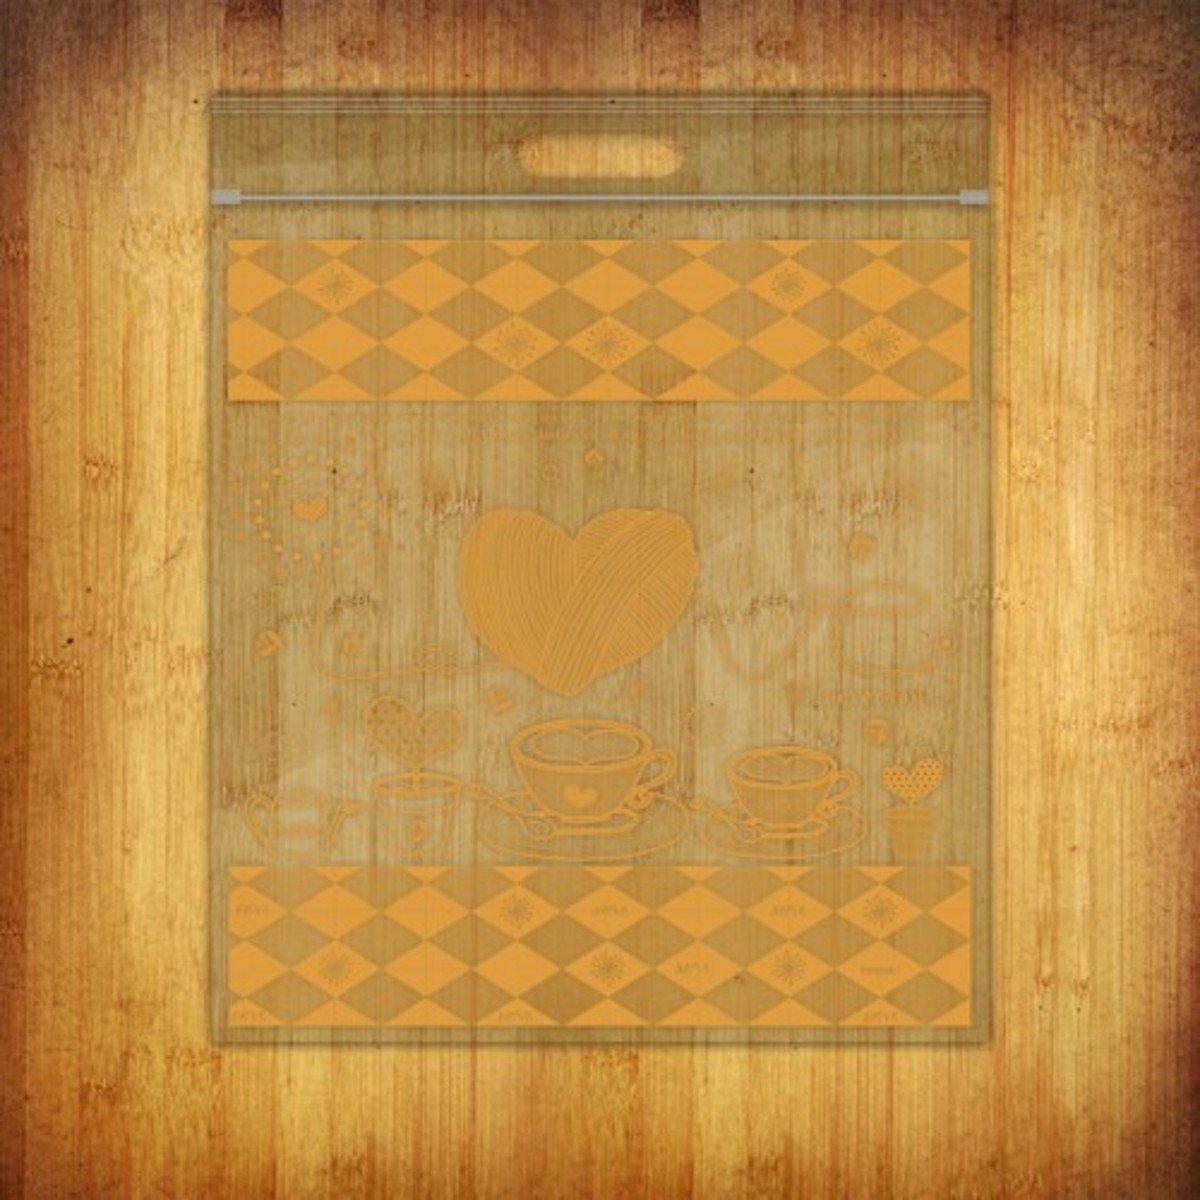 PP夾鏈袋-(愛加倍-橘10個裝)